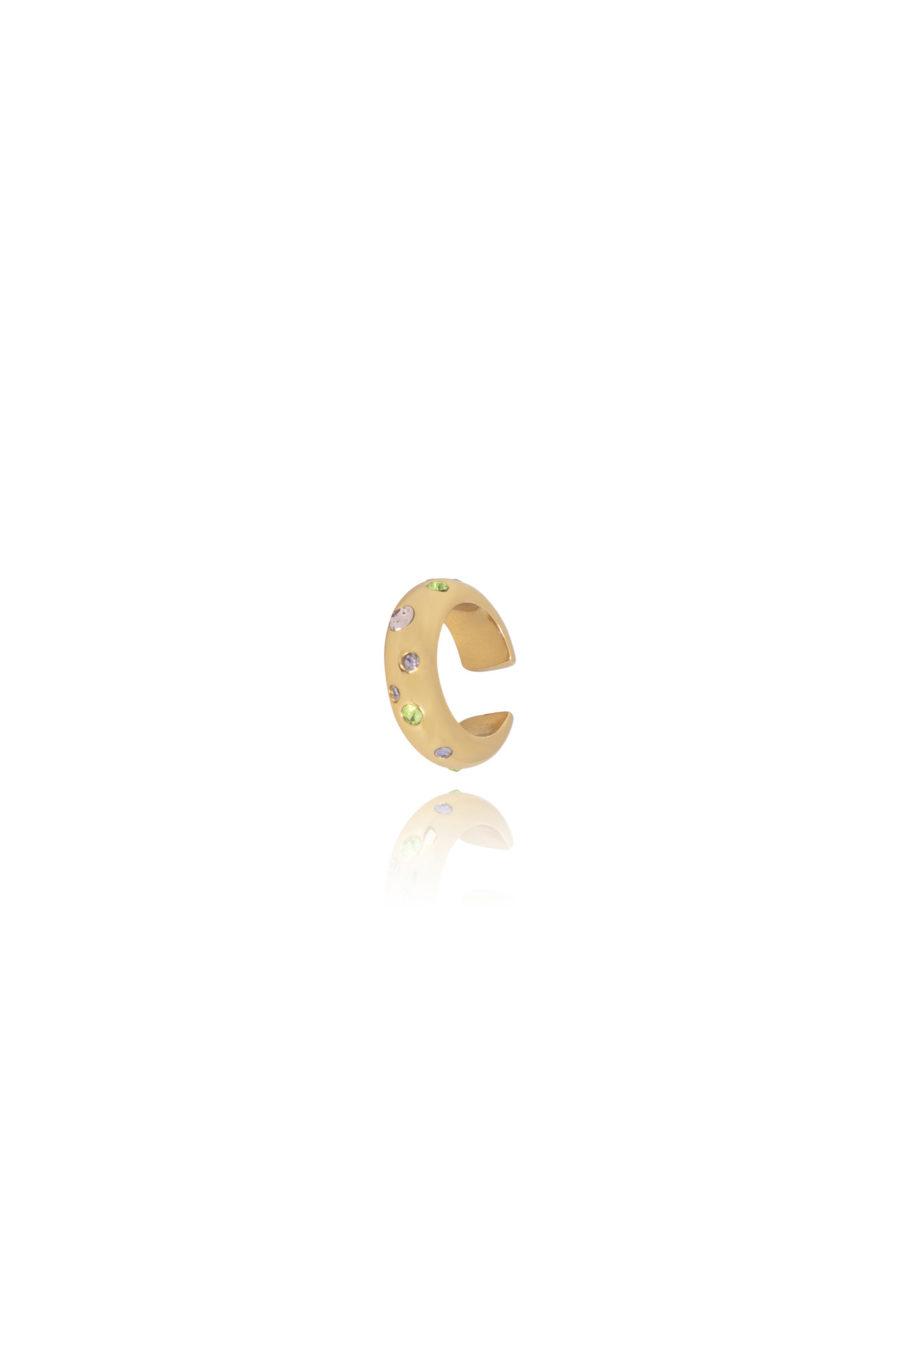 T.I.T.S. - Disco Ear Cuff, Gold